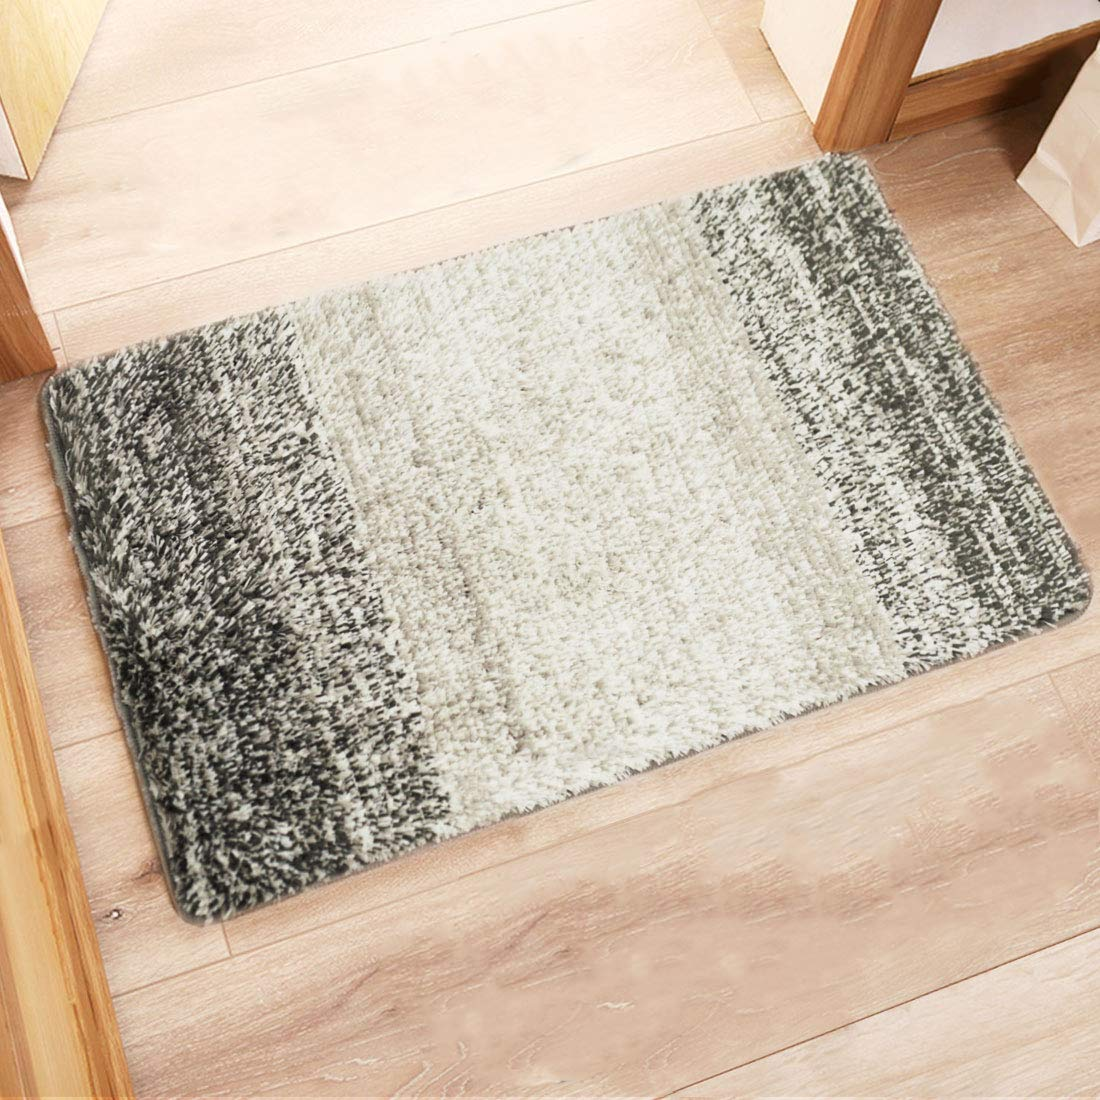 """Indoor Doormat Front Door Mat, Super Absorbent Entrance Door Rug, Non Slip Back Door Mats Indoor, Soft Entry Rugs Inside Machine Washable Door Carpet for Entryway (32""""x20"""", Grey/Gray)"""